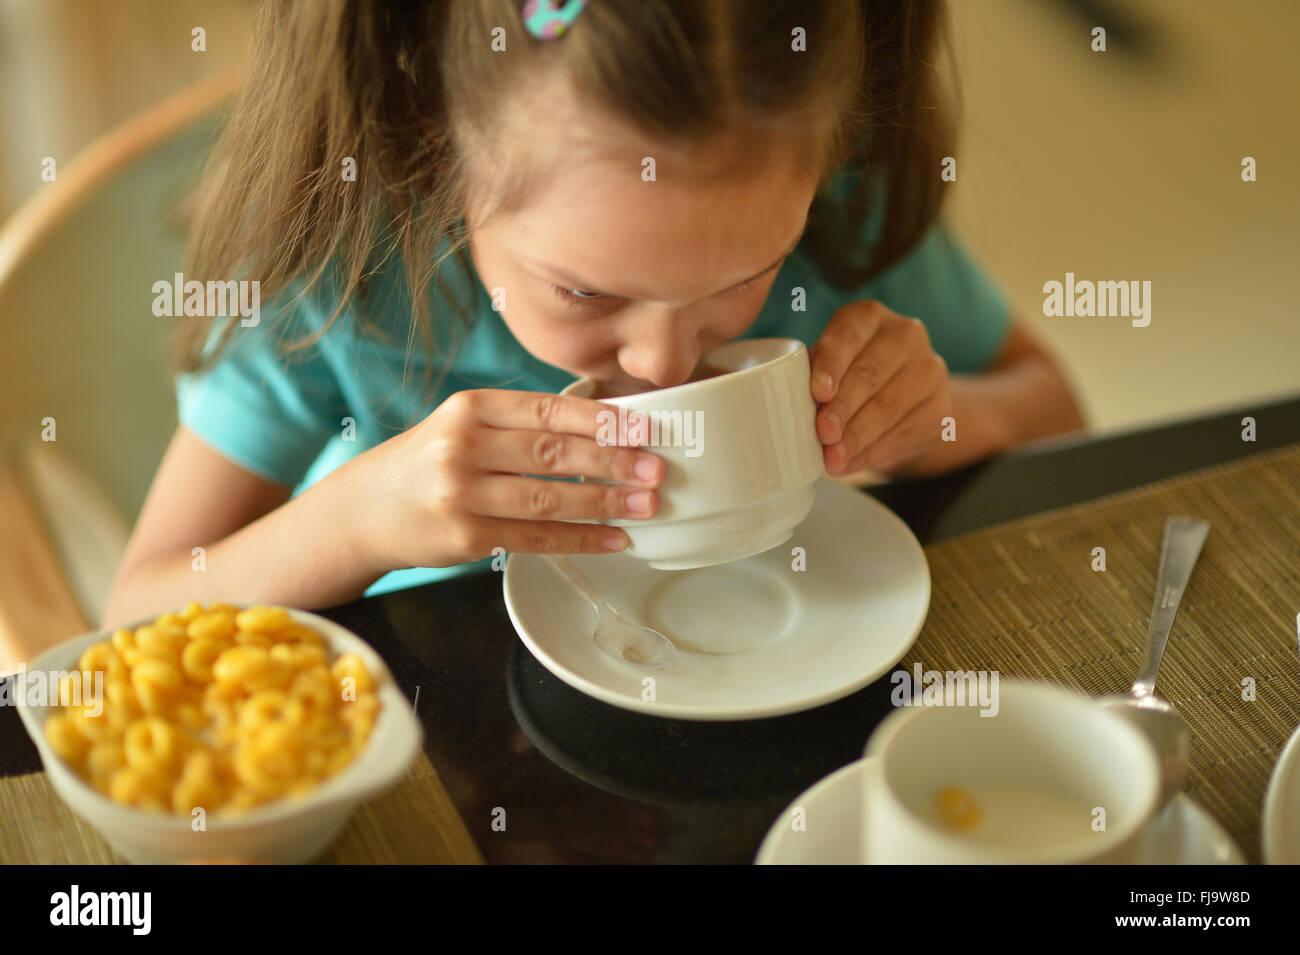 Petite fille au petit déjeuner Photo Stock